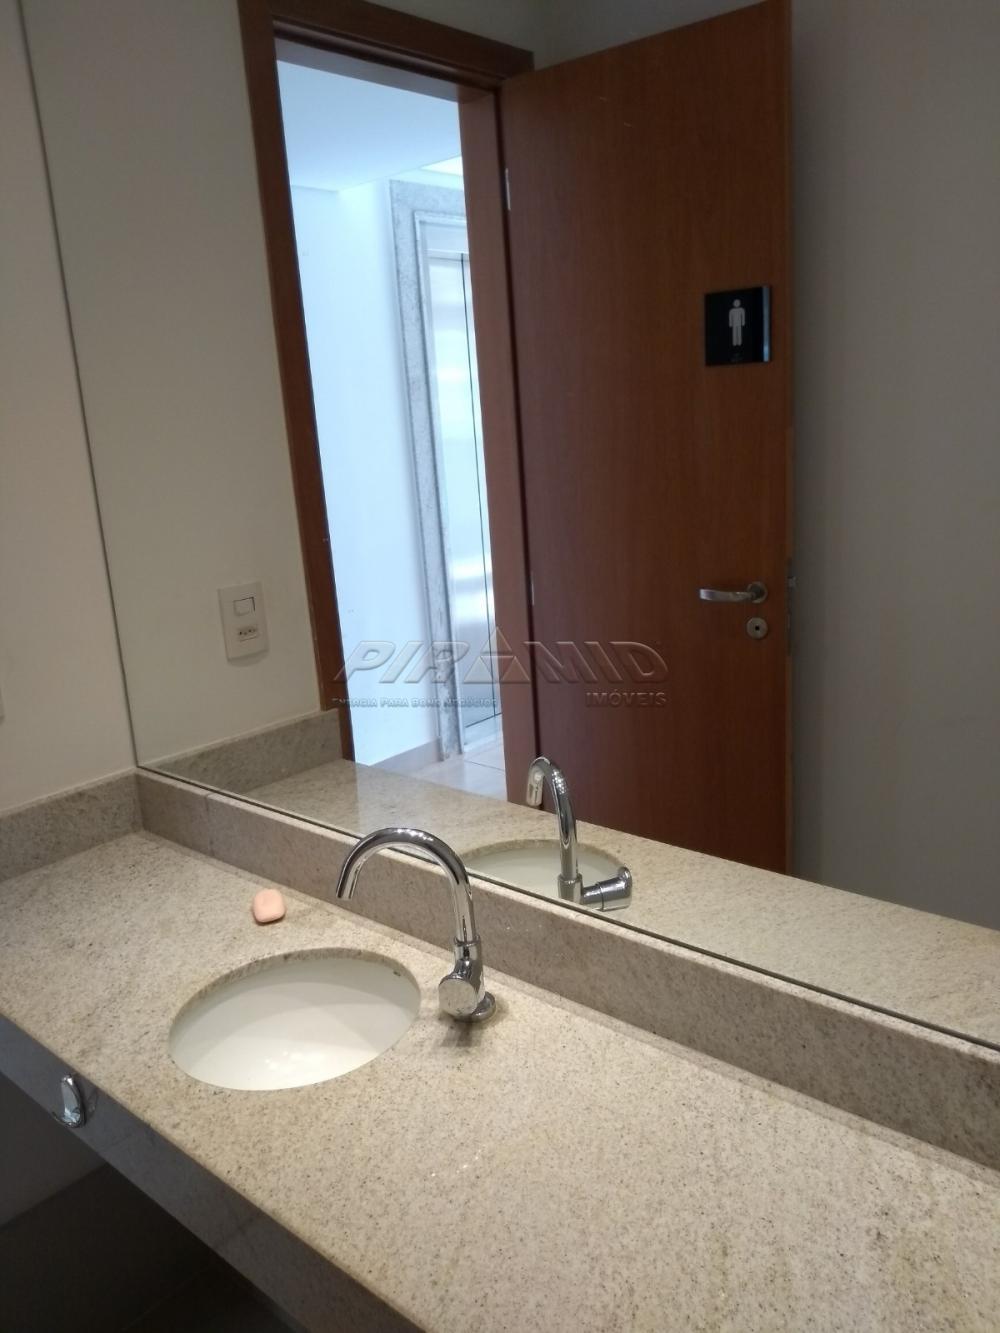 Alugar Apartamento / Padrão em Ribeirão Preto R$ 1.700,00 - Foto 68